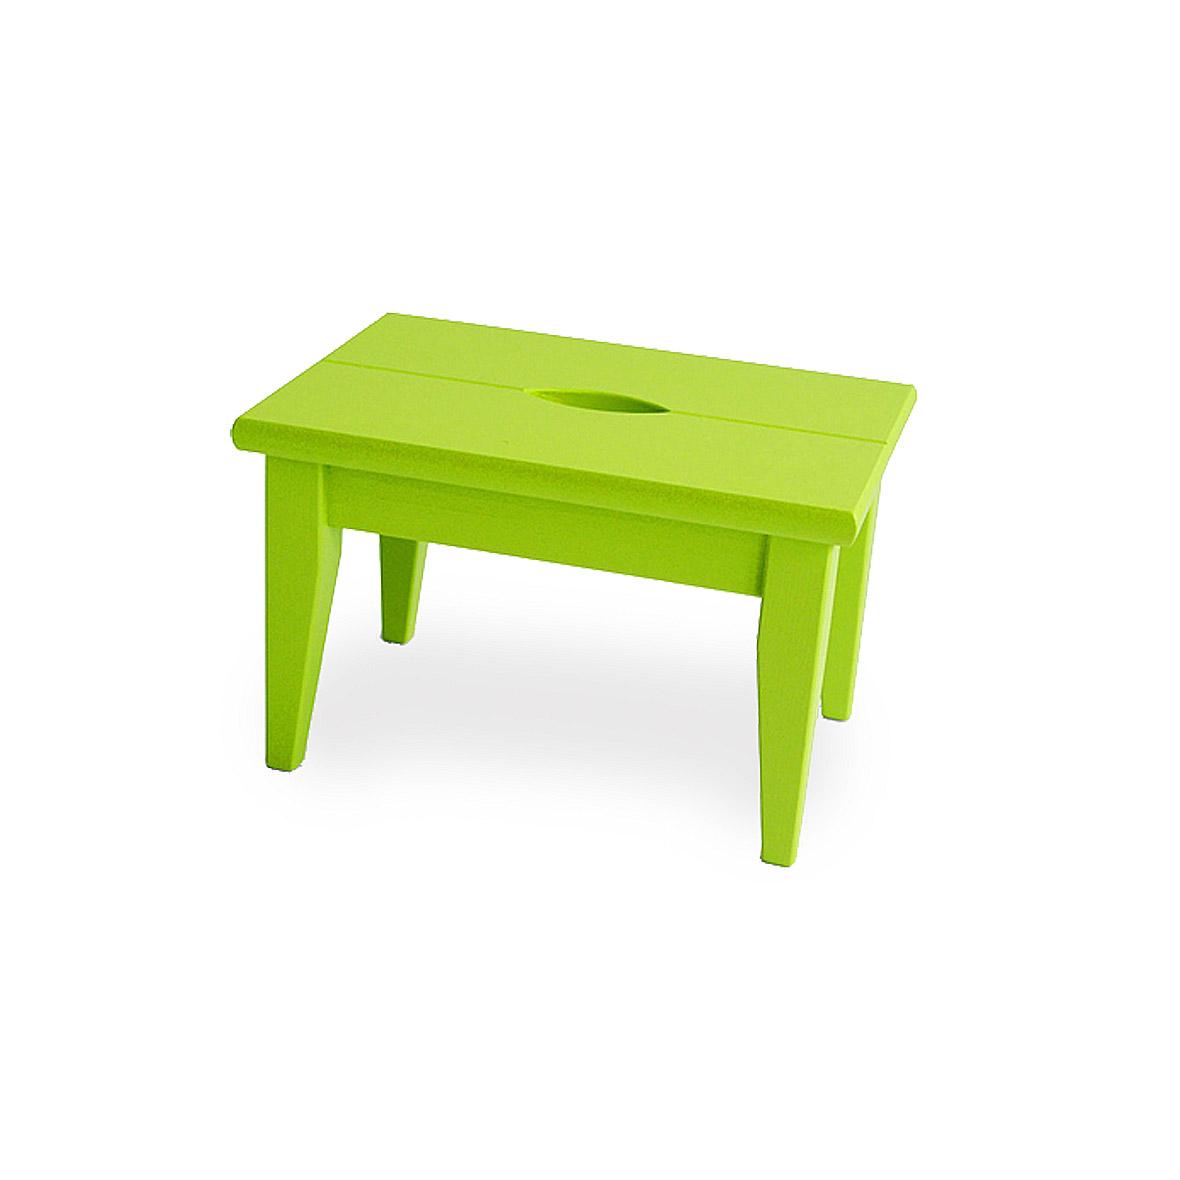 tritthocker fichtenholz fsc 100% grün lackiert